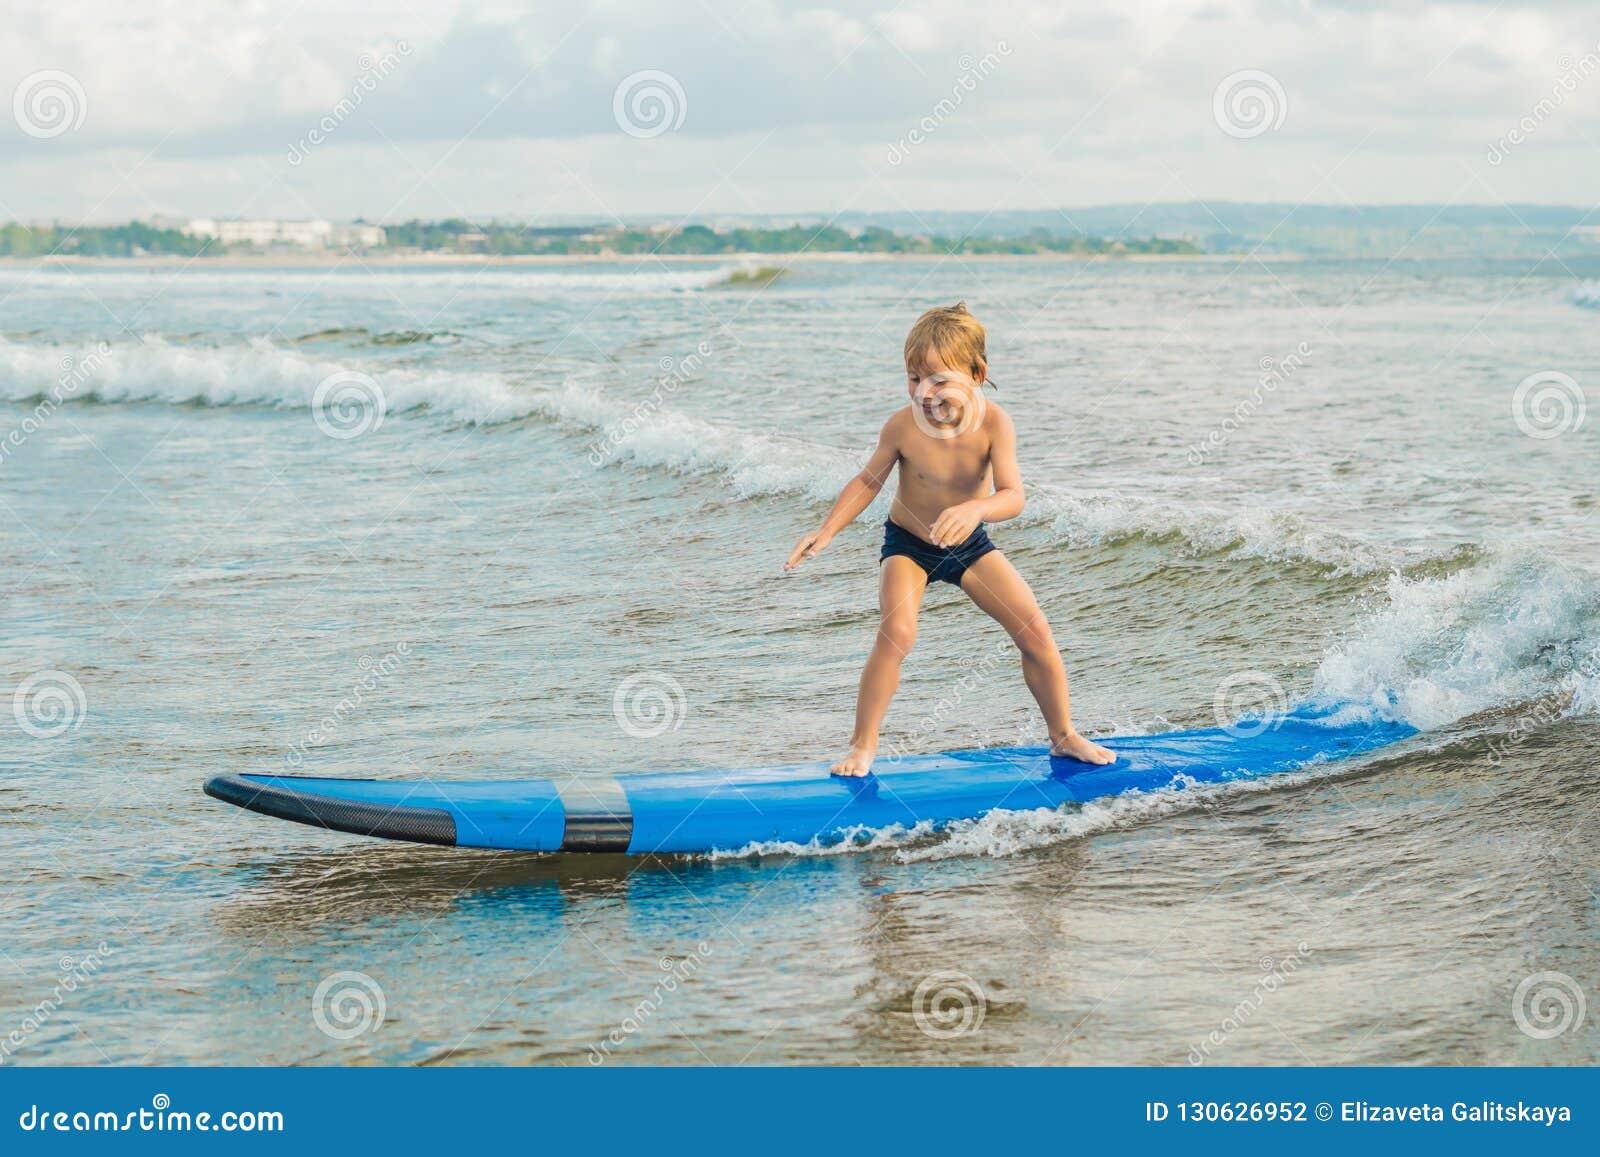 Rapaz pequeno que surfa na praia tropical Criança na placa de ressaca na onda de oceano Esportes de água ativos para crianças Nat